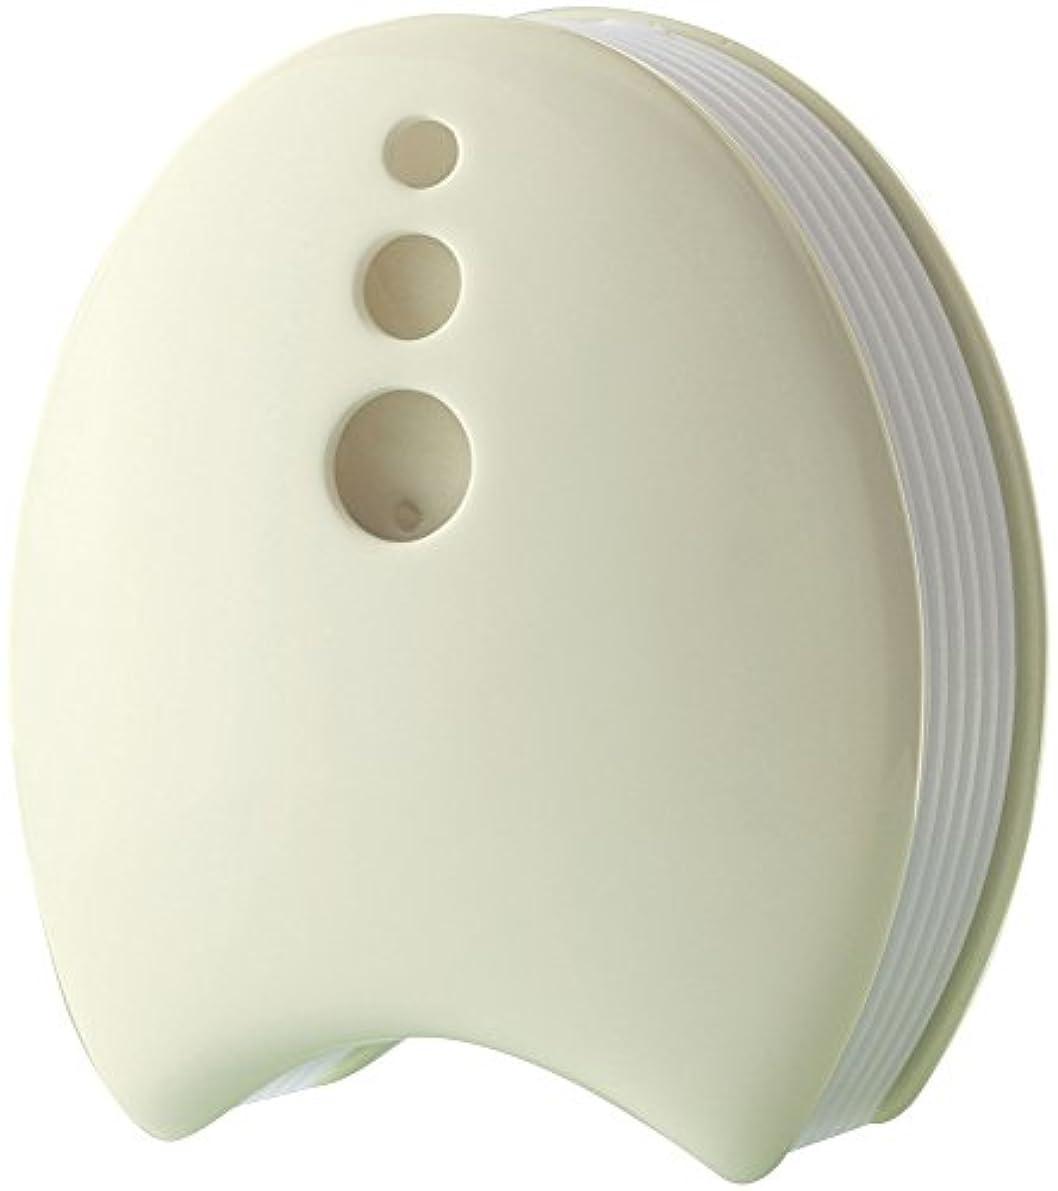 フラップお手入れ硬さ陶器のアロマブリーズ 瀬戸焼 ライトグリーン